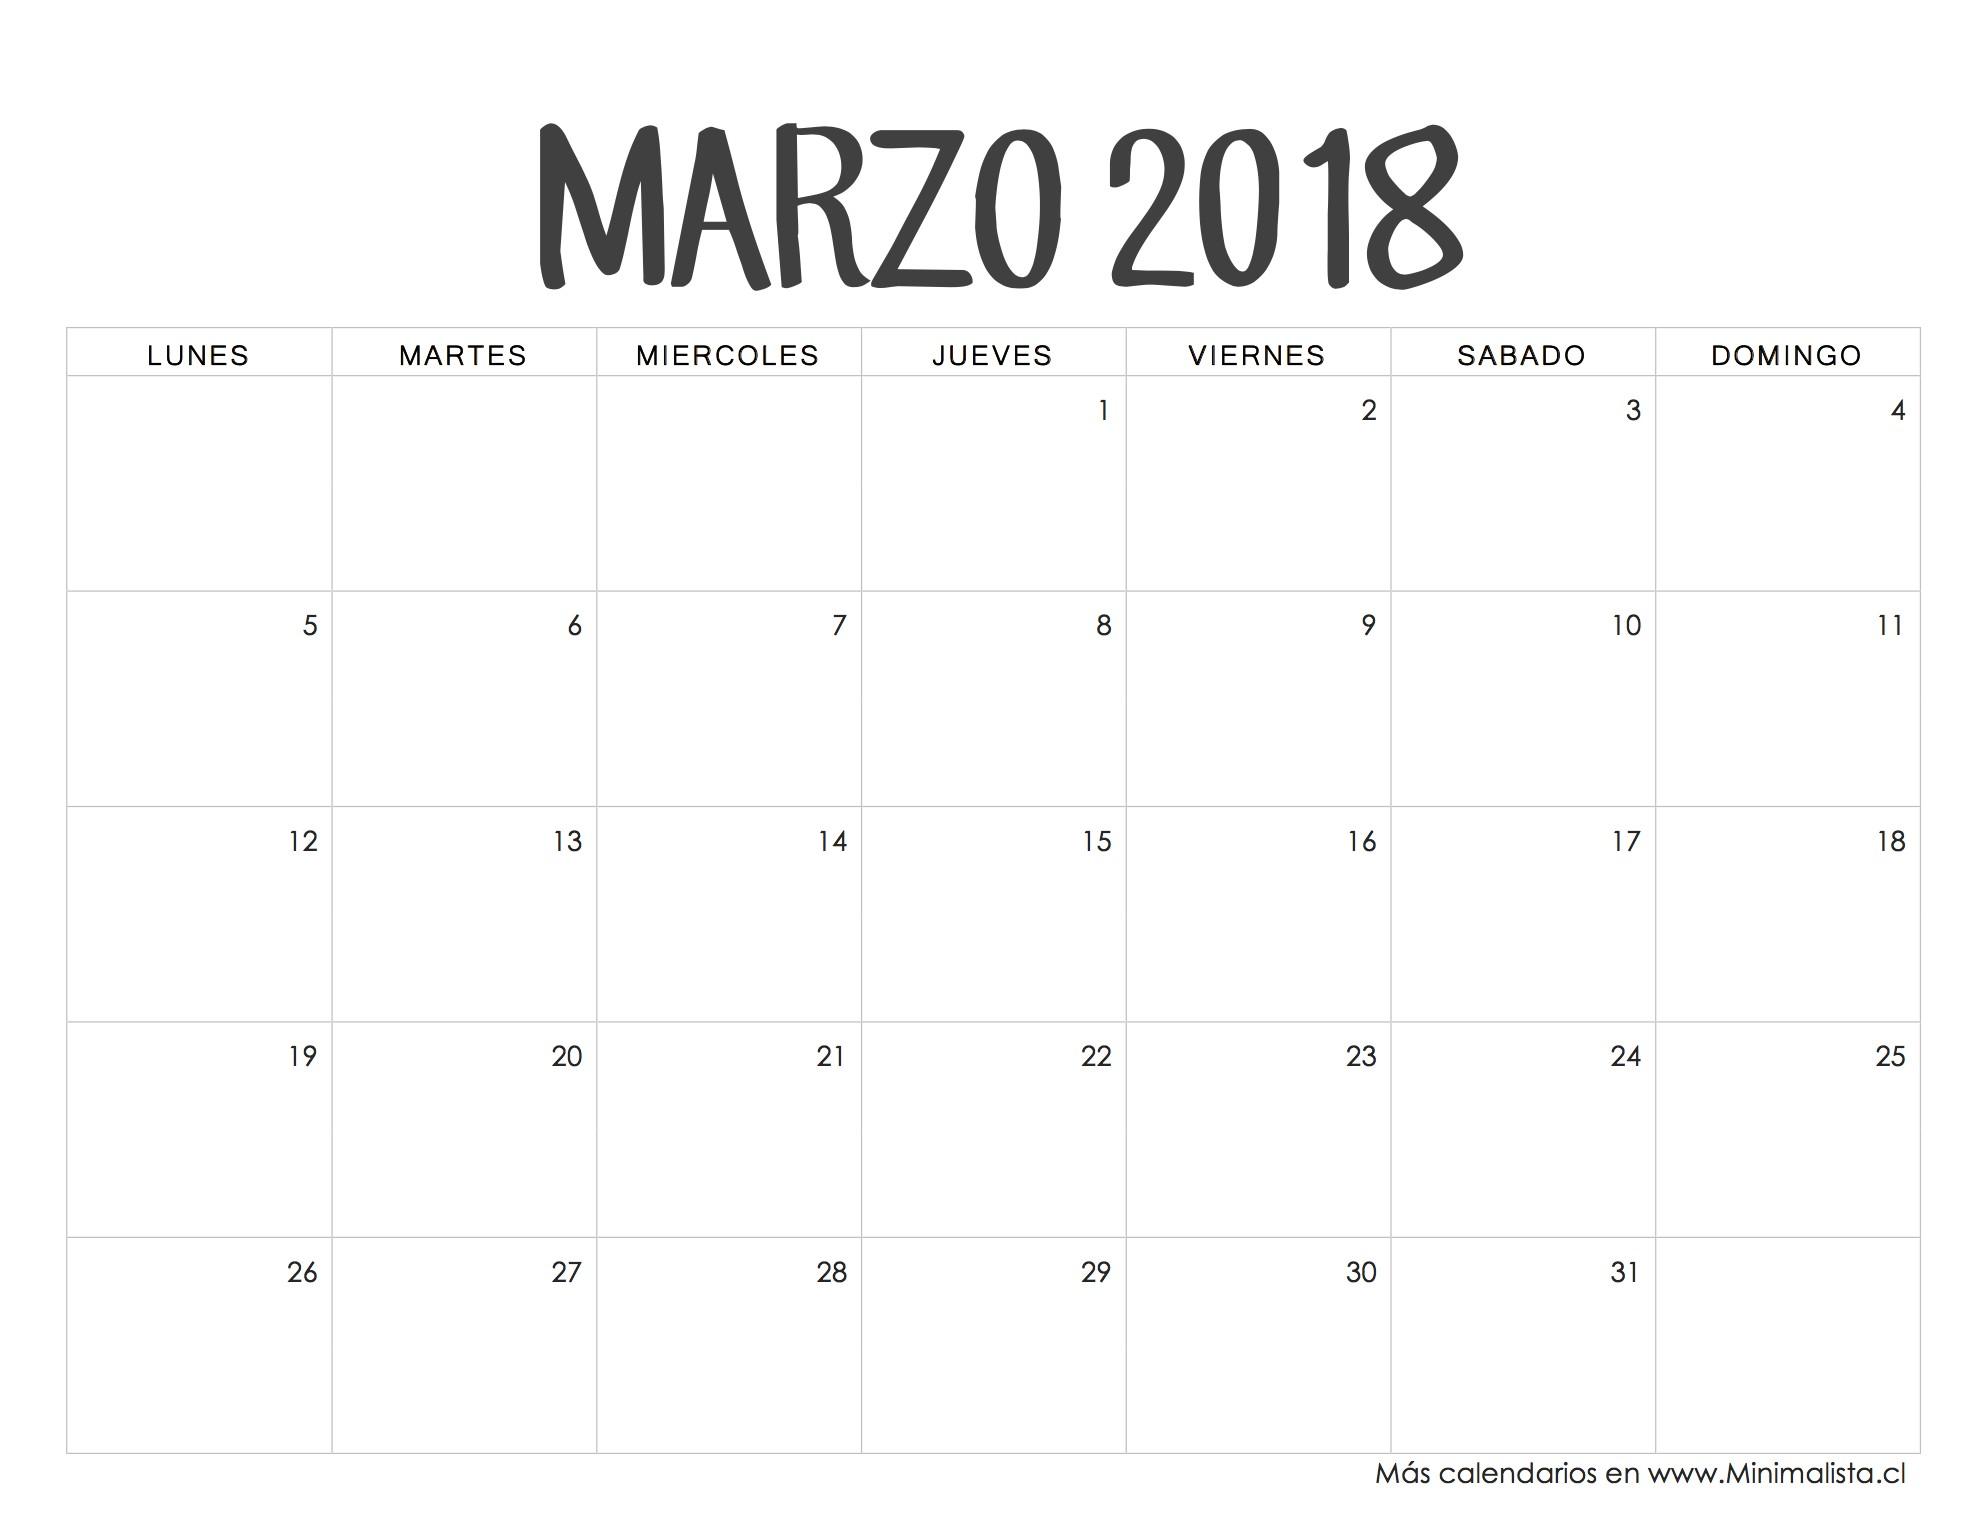 Calendario Enero 2019 Para Imprimir Minimalista Más Recientemente Liberado Calendario Marzo 2018 Calendarios Pinterest Of Calendario Enero 2019 Para Imprimir Minimalista Recientes Calendario Octubre 2018 organizarme